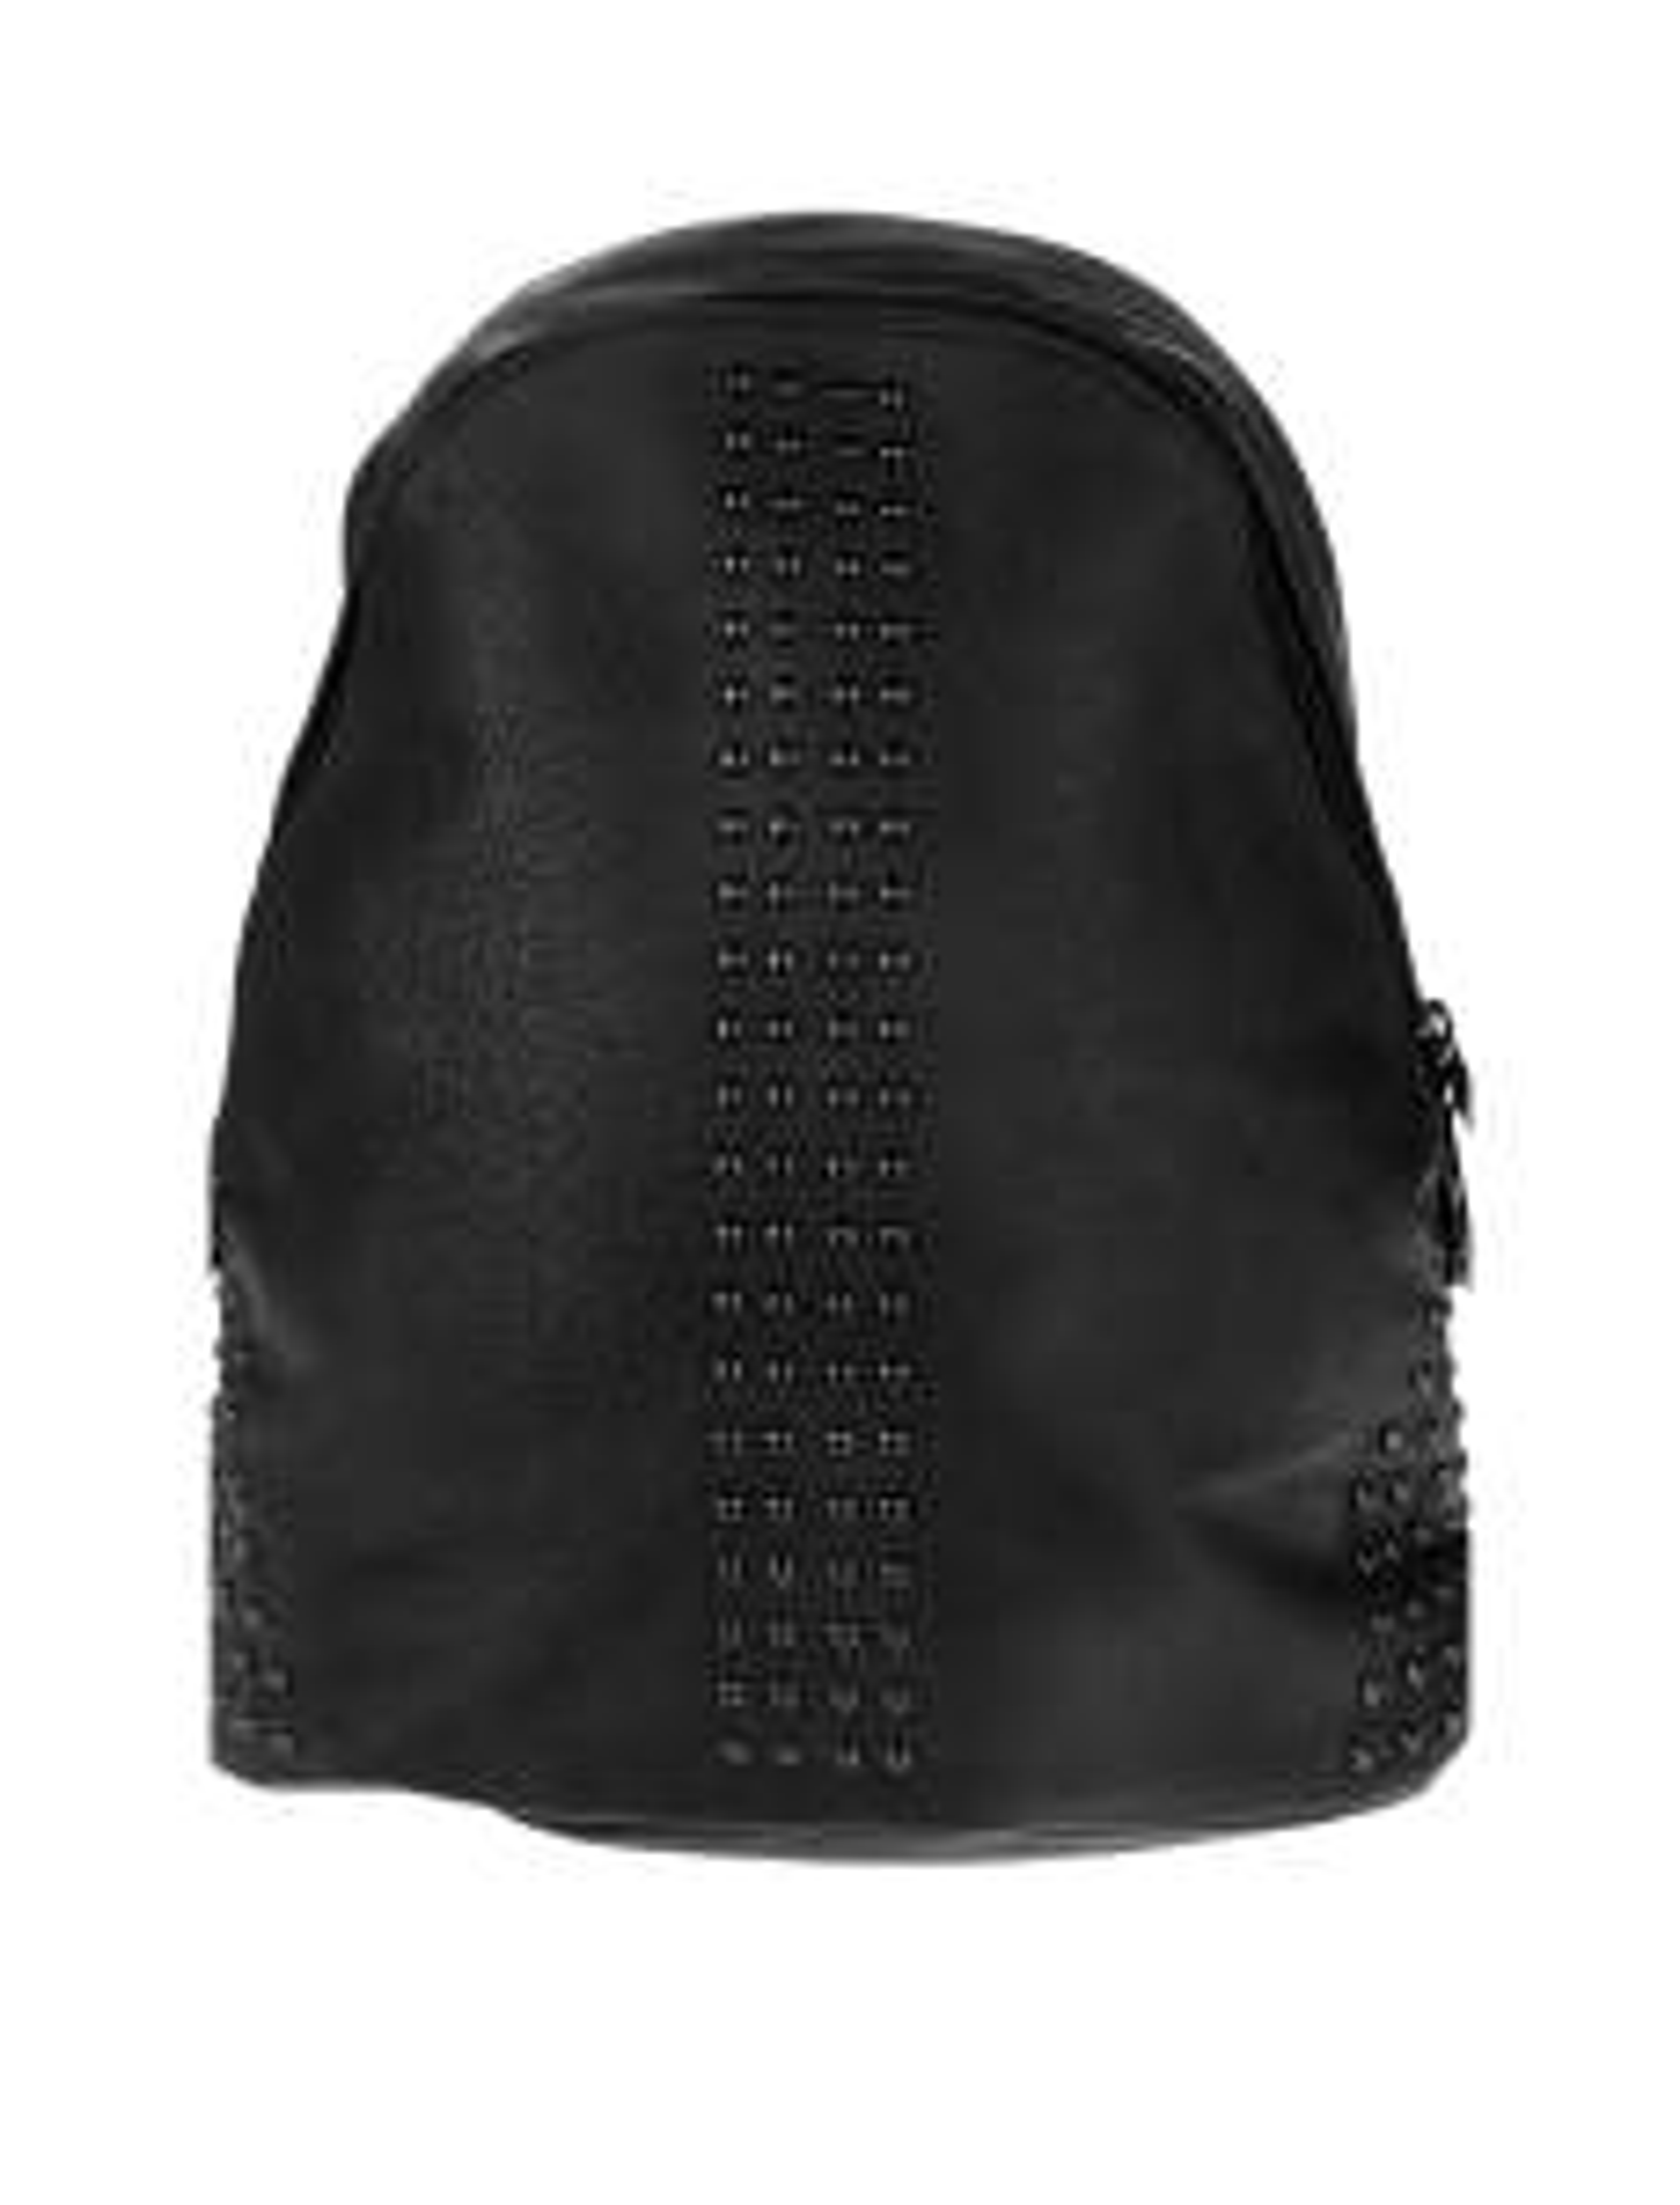 کوله پشتی زنانه جانی اند جانی مدل Black-F99-1147B